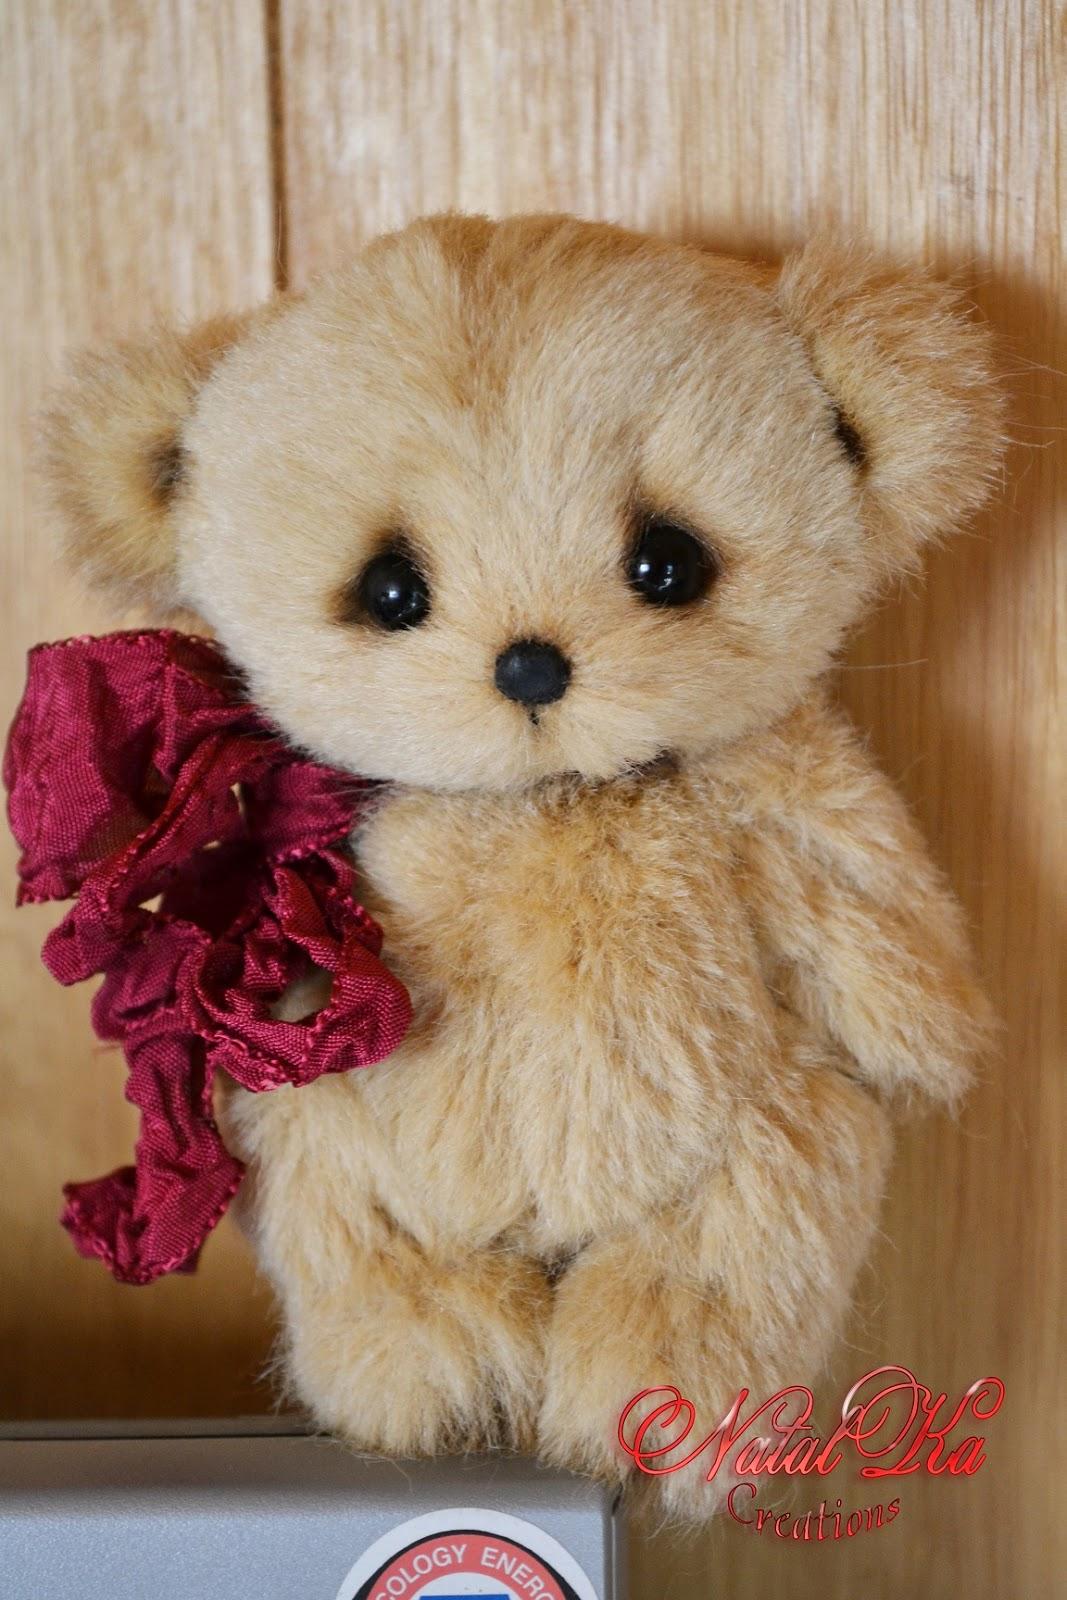 Künstlerbär, artist teddy bear